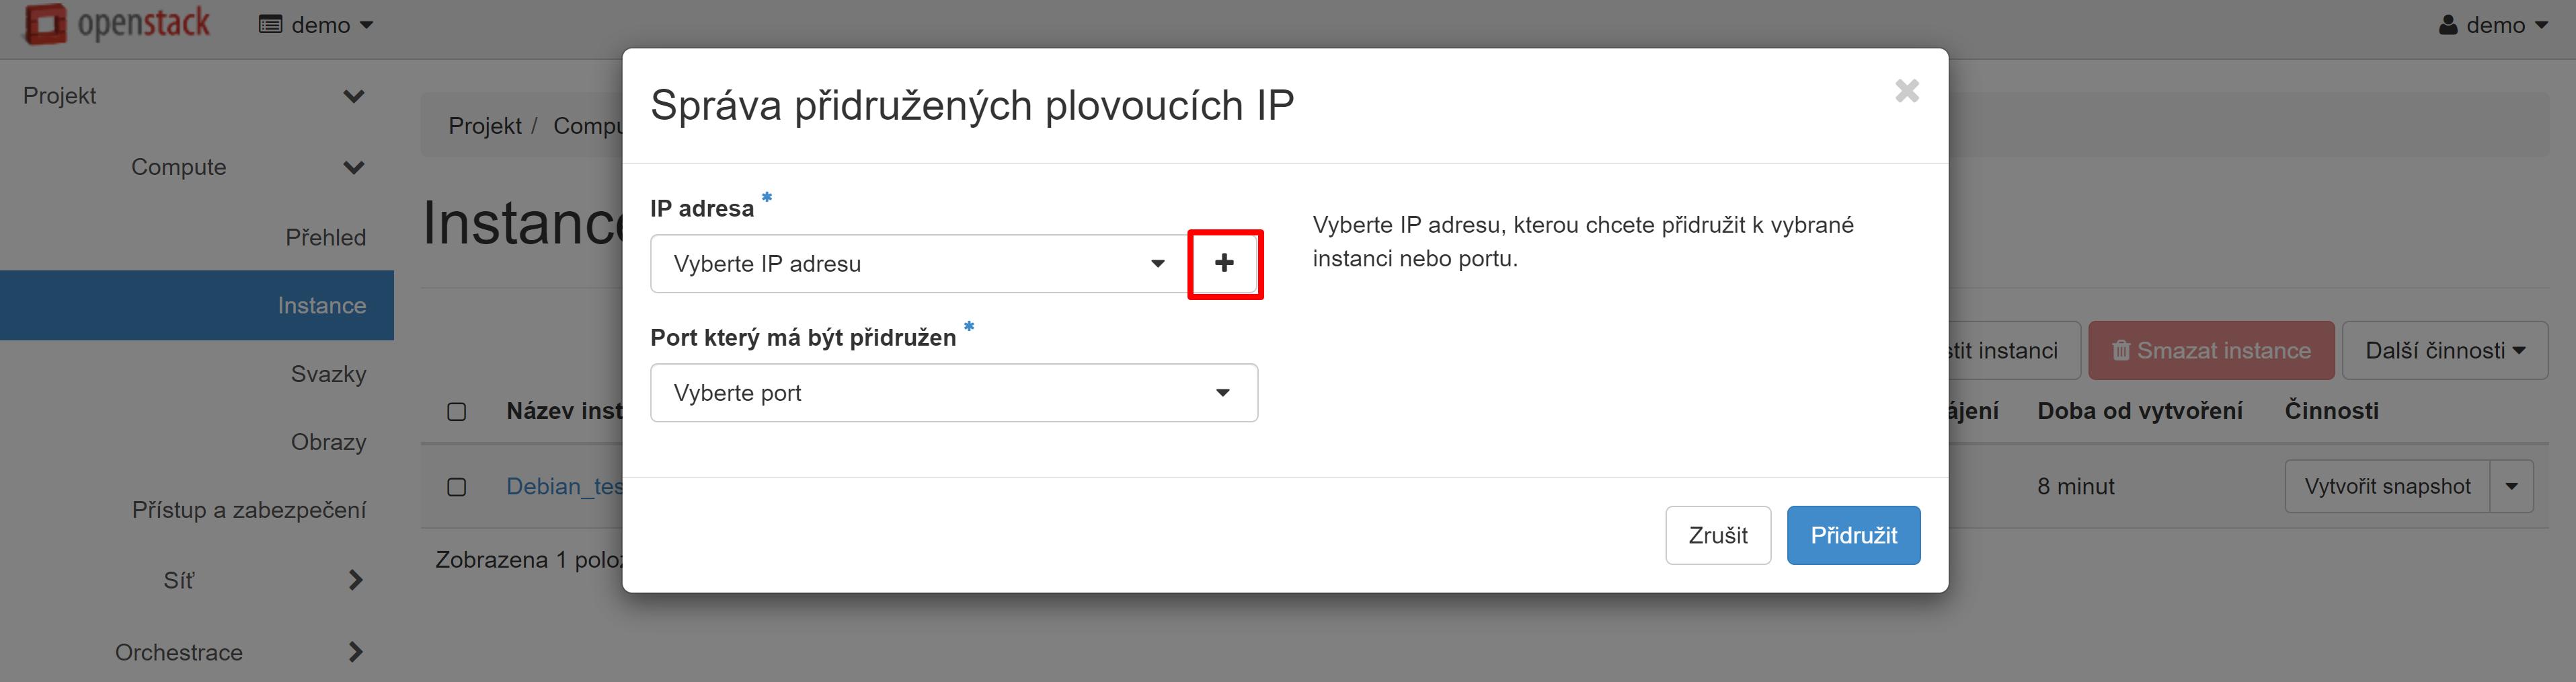 Přípojit plovoucí IP